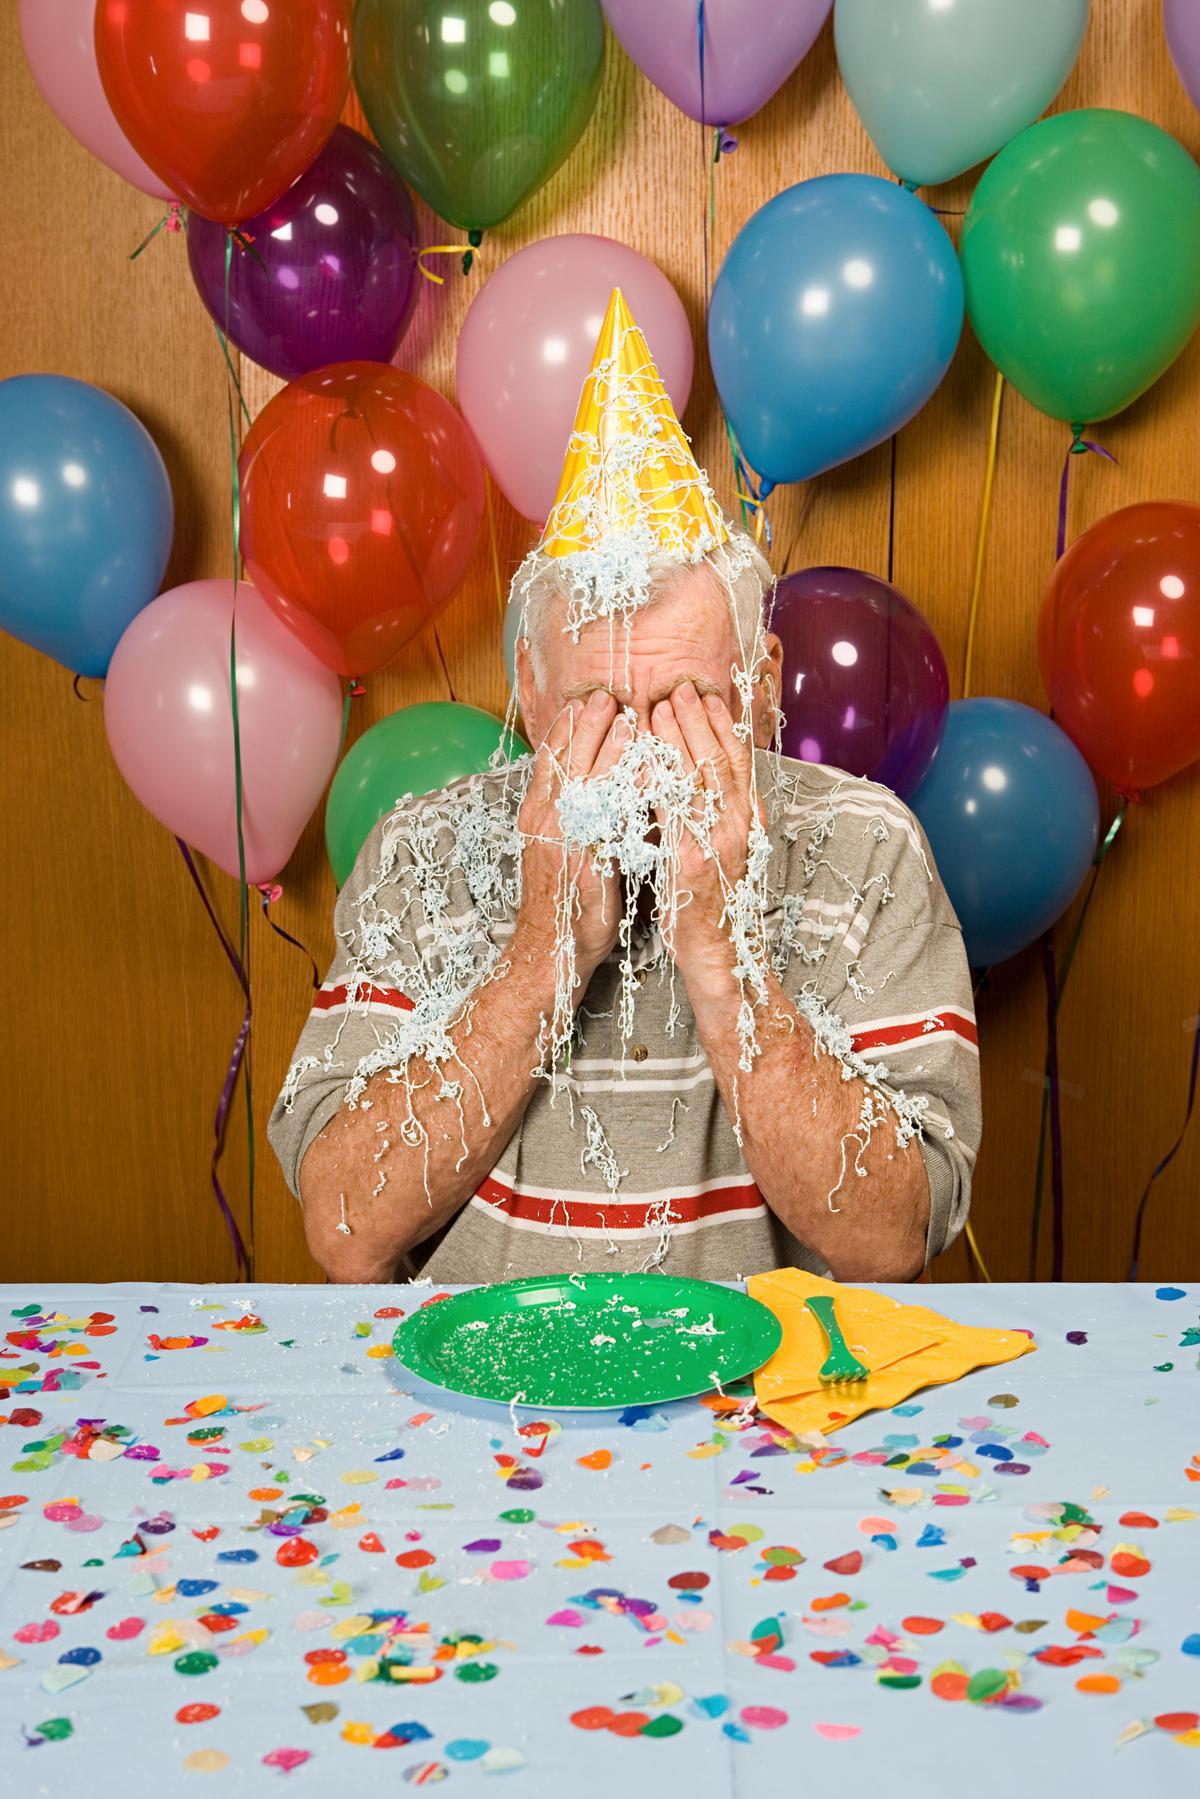 Senior Man At A Party